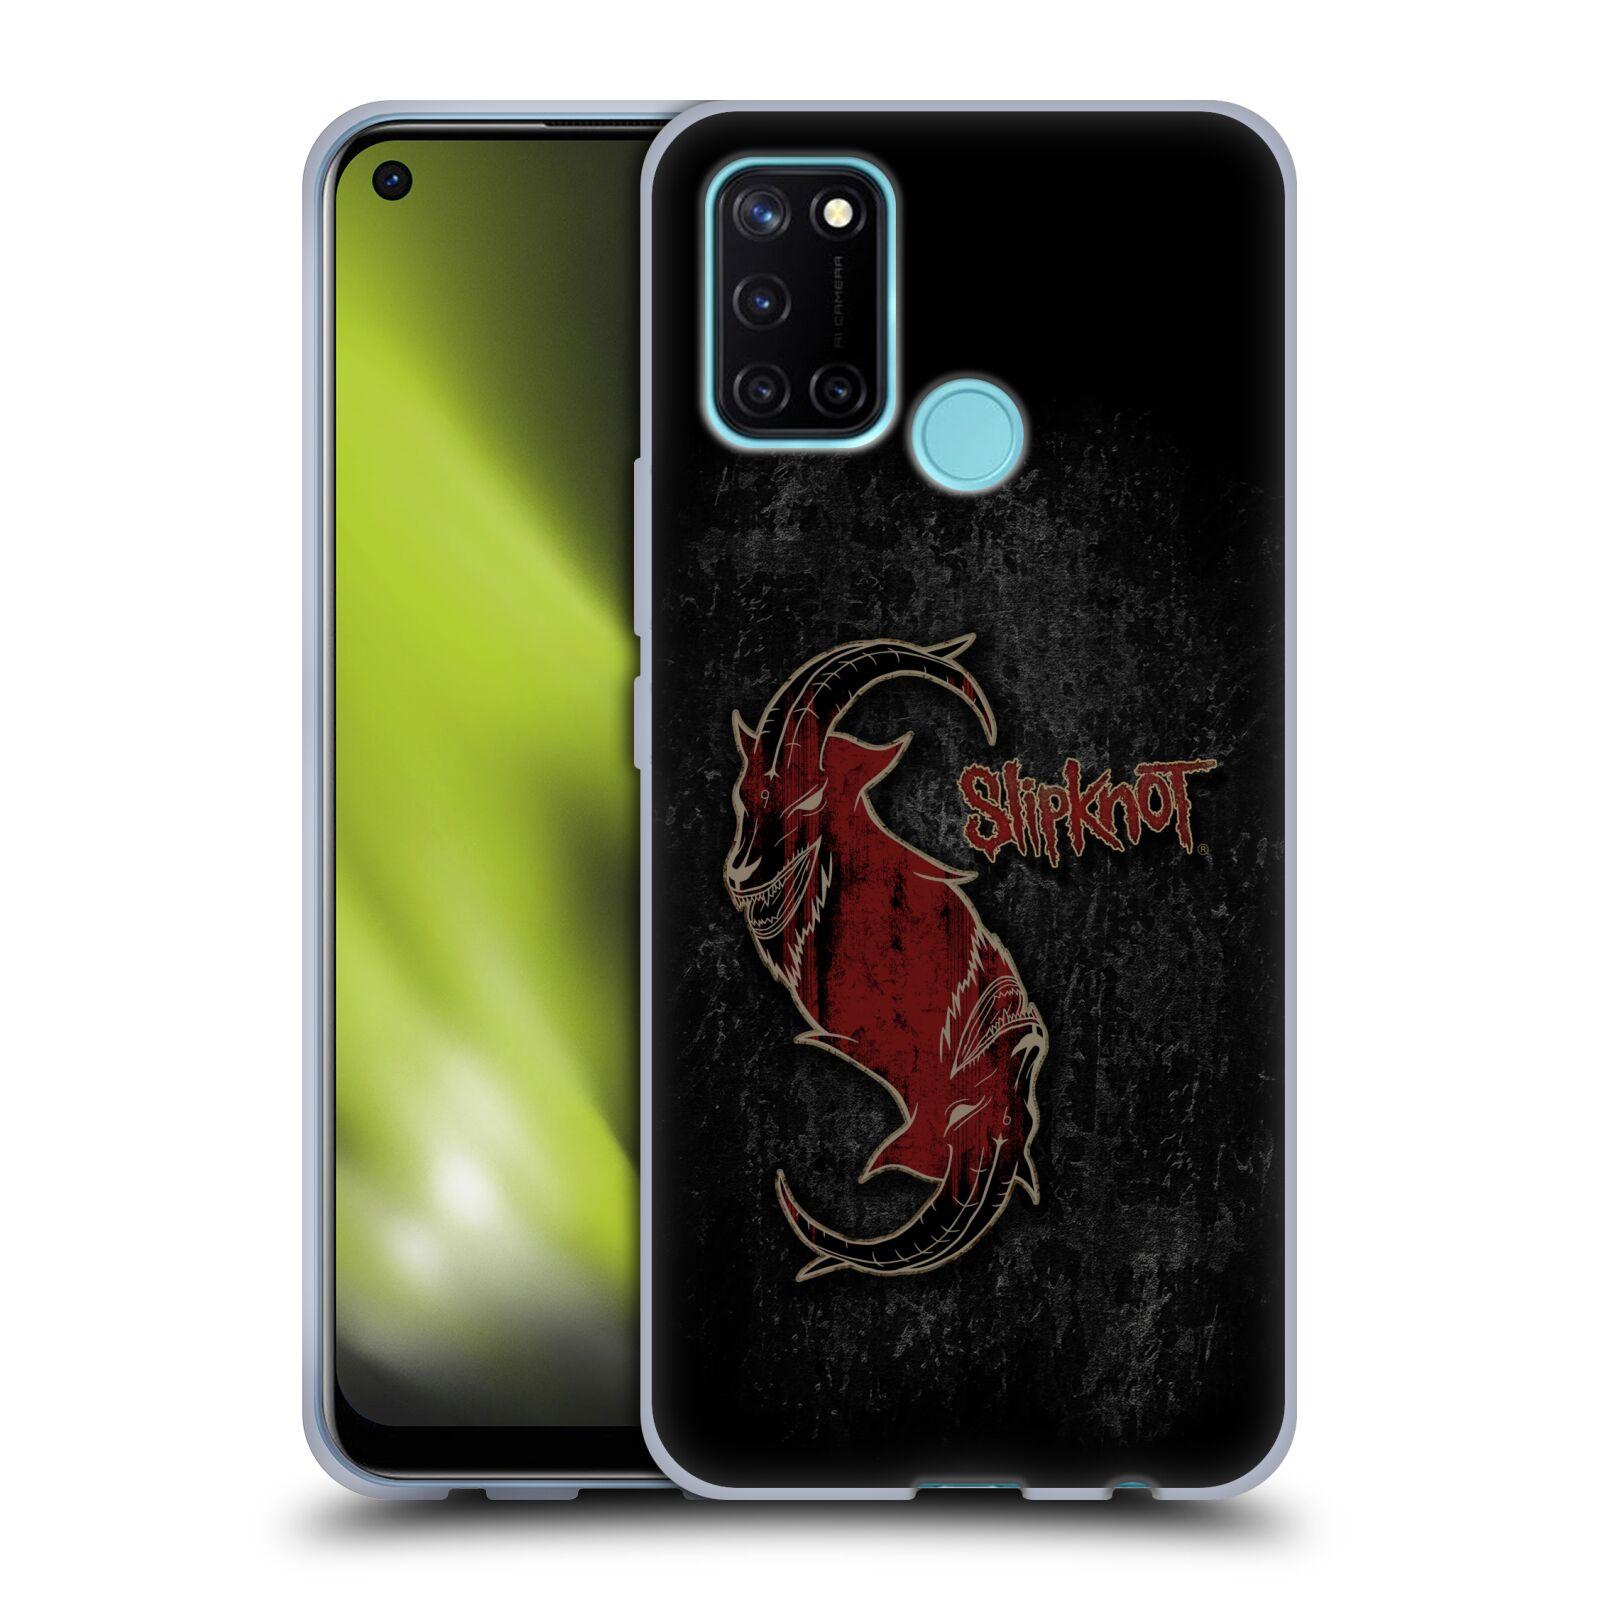 Silikonové pouzdro na mobil Realme 7i - Head Case - Slipknot - Rudý kozel